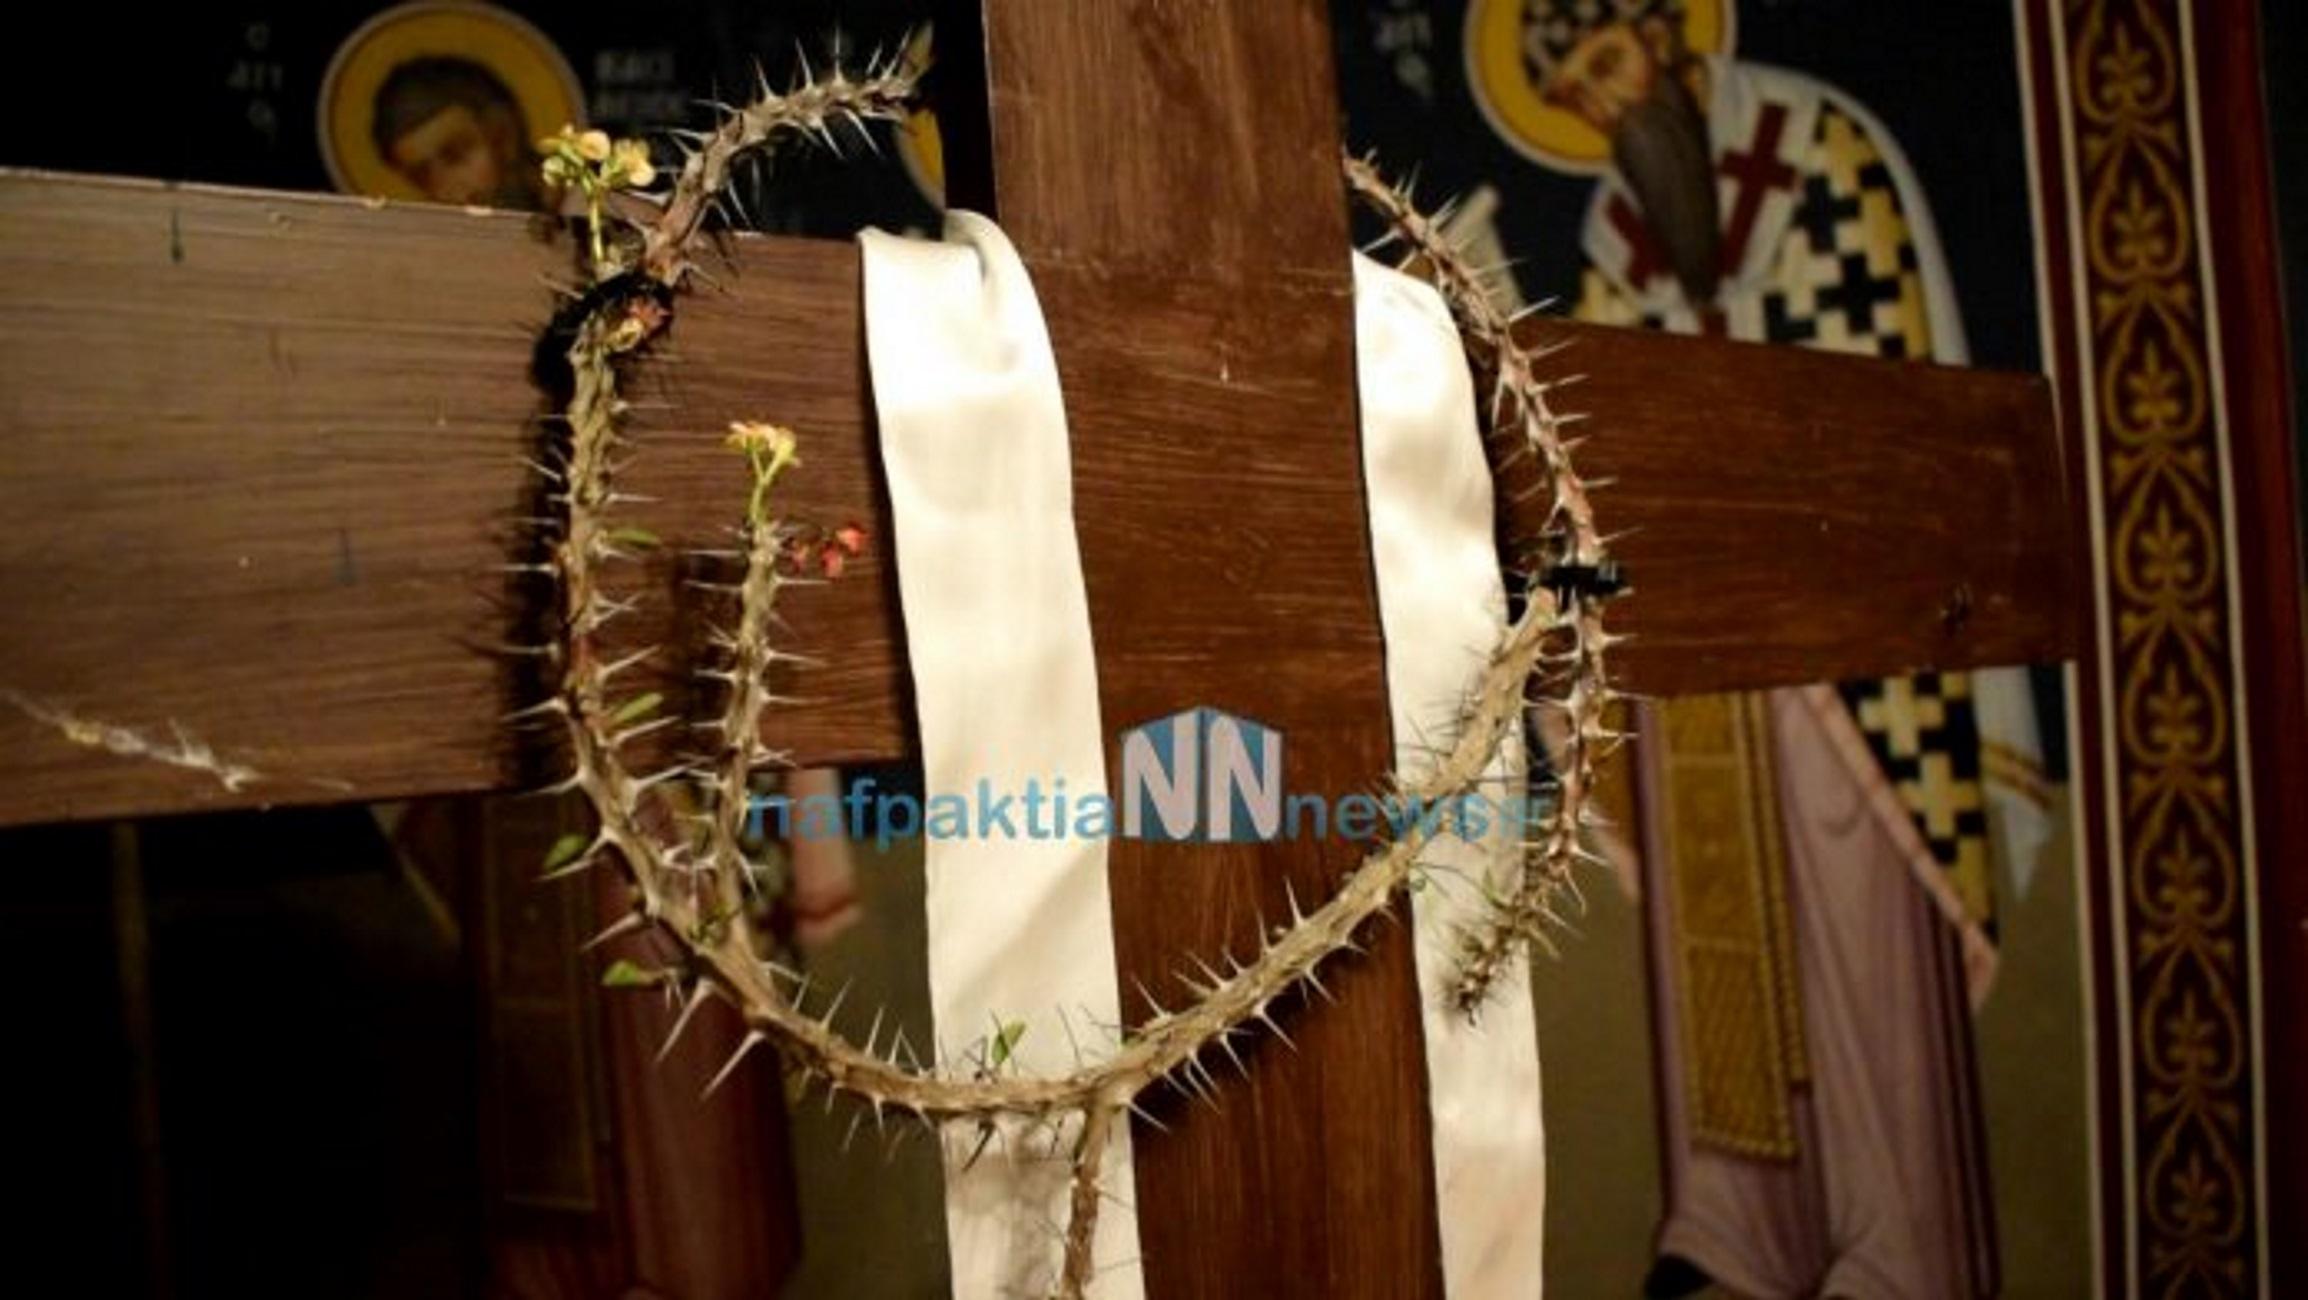 Φωκίδα: Άνθισε το ακάνθινο στεφάνι του Εσταυρωμένου! Οι εικόνες στην εκκλησία που προκαλούν δέος σε πιστούς (Βίντεο)